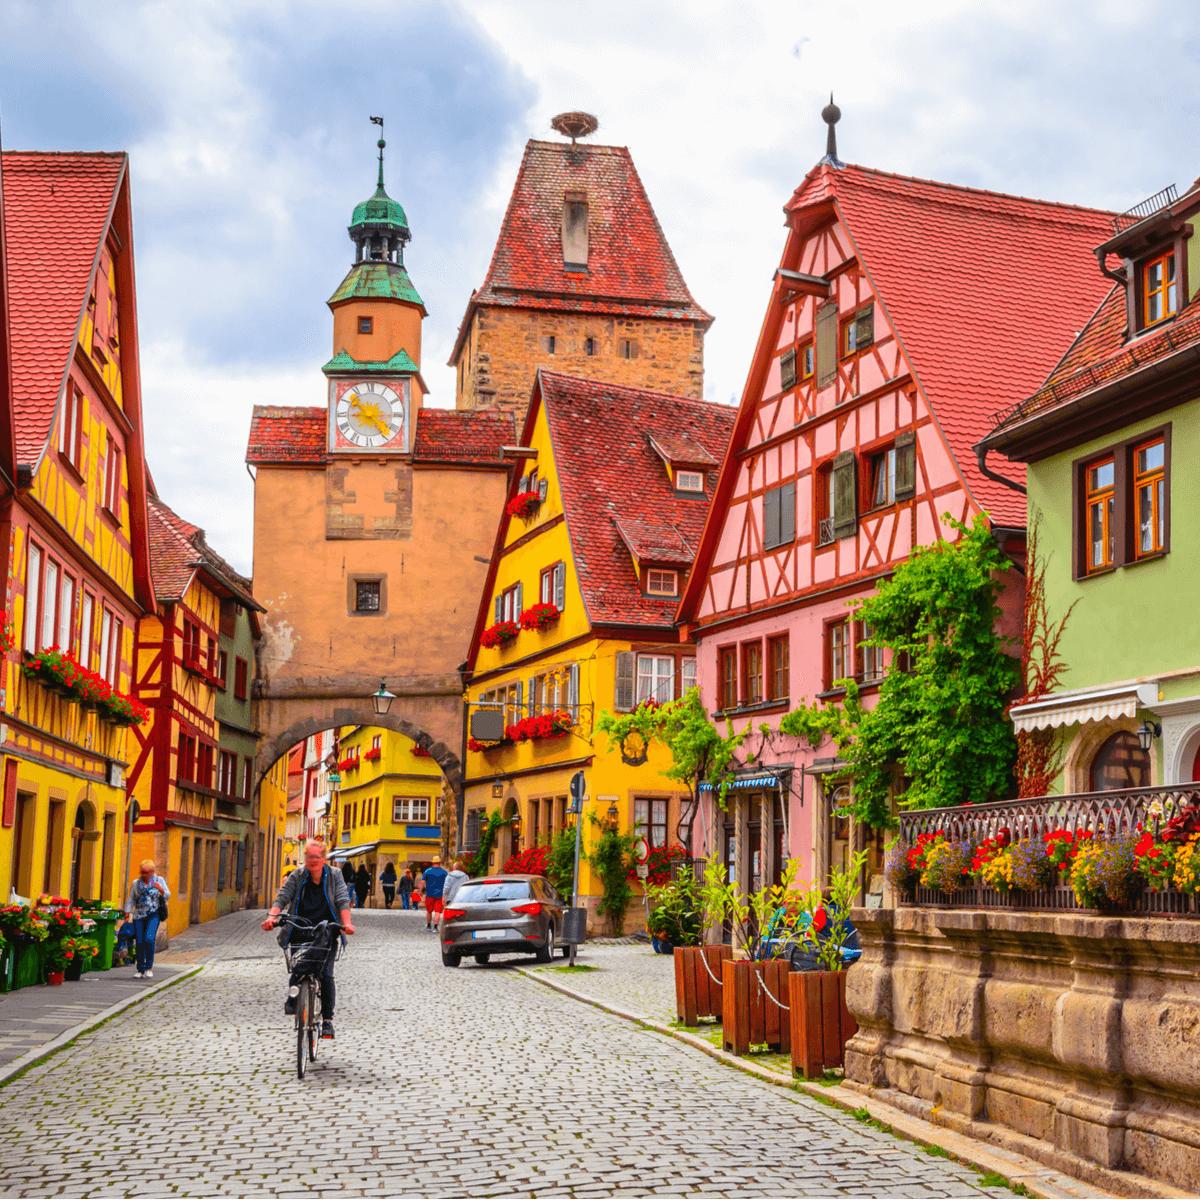 Rothenburg ob der Tauber and Regensburg